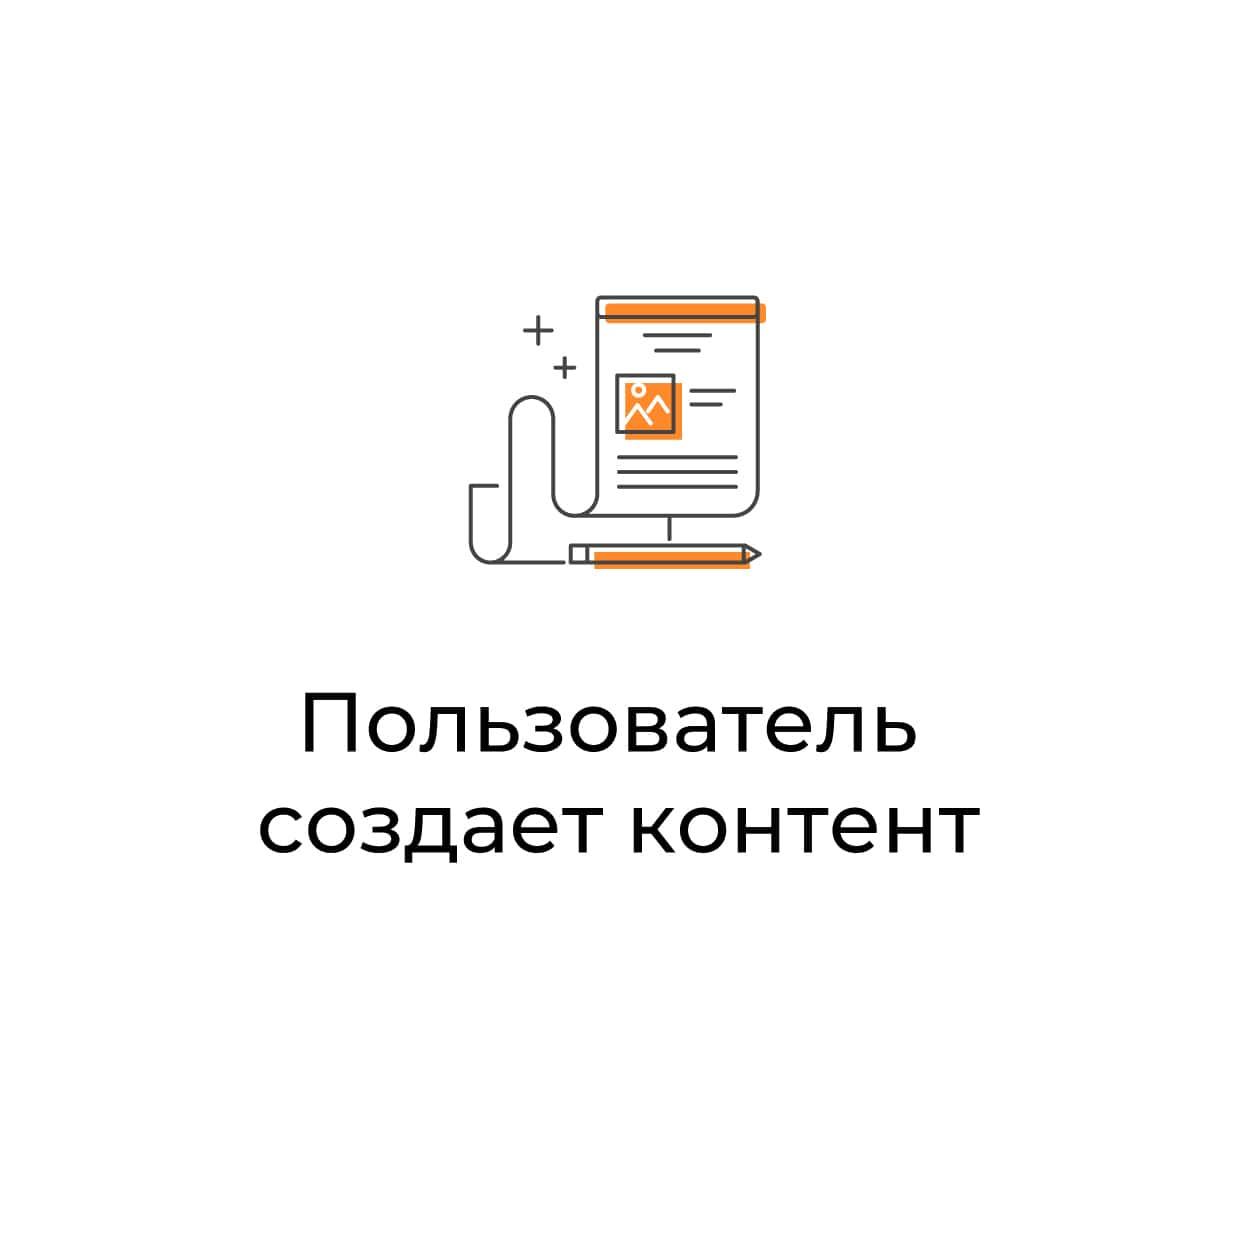 User creates content